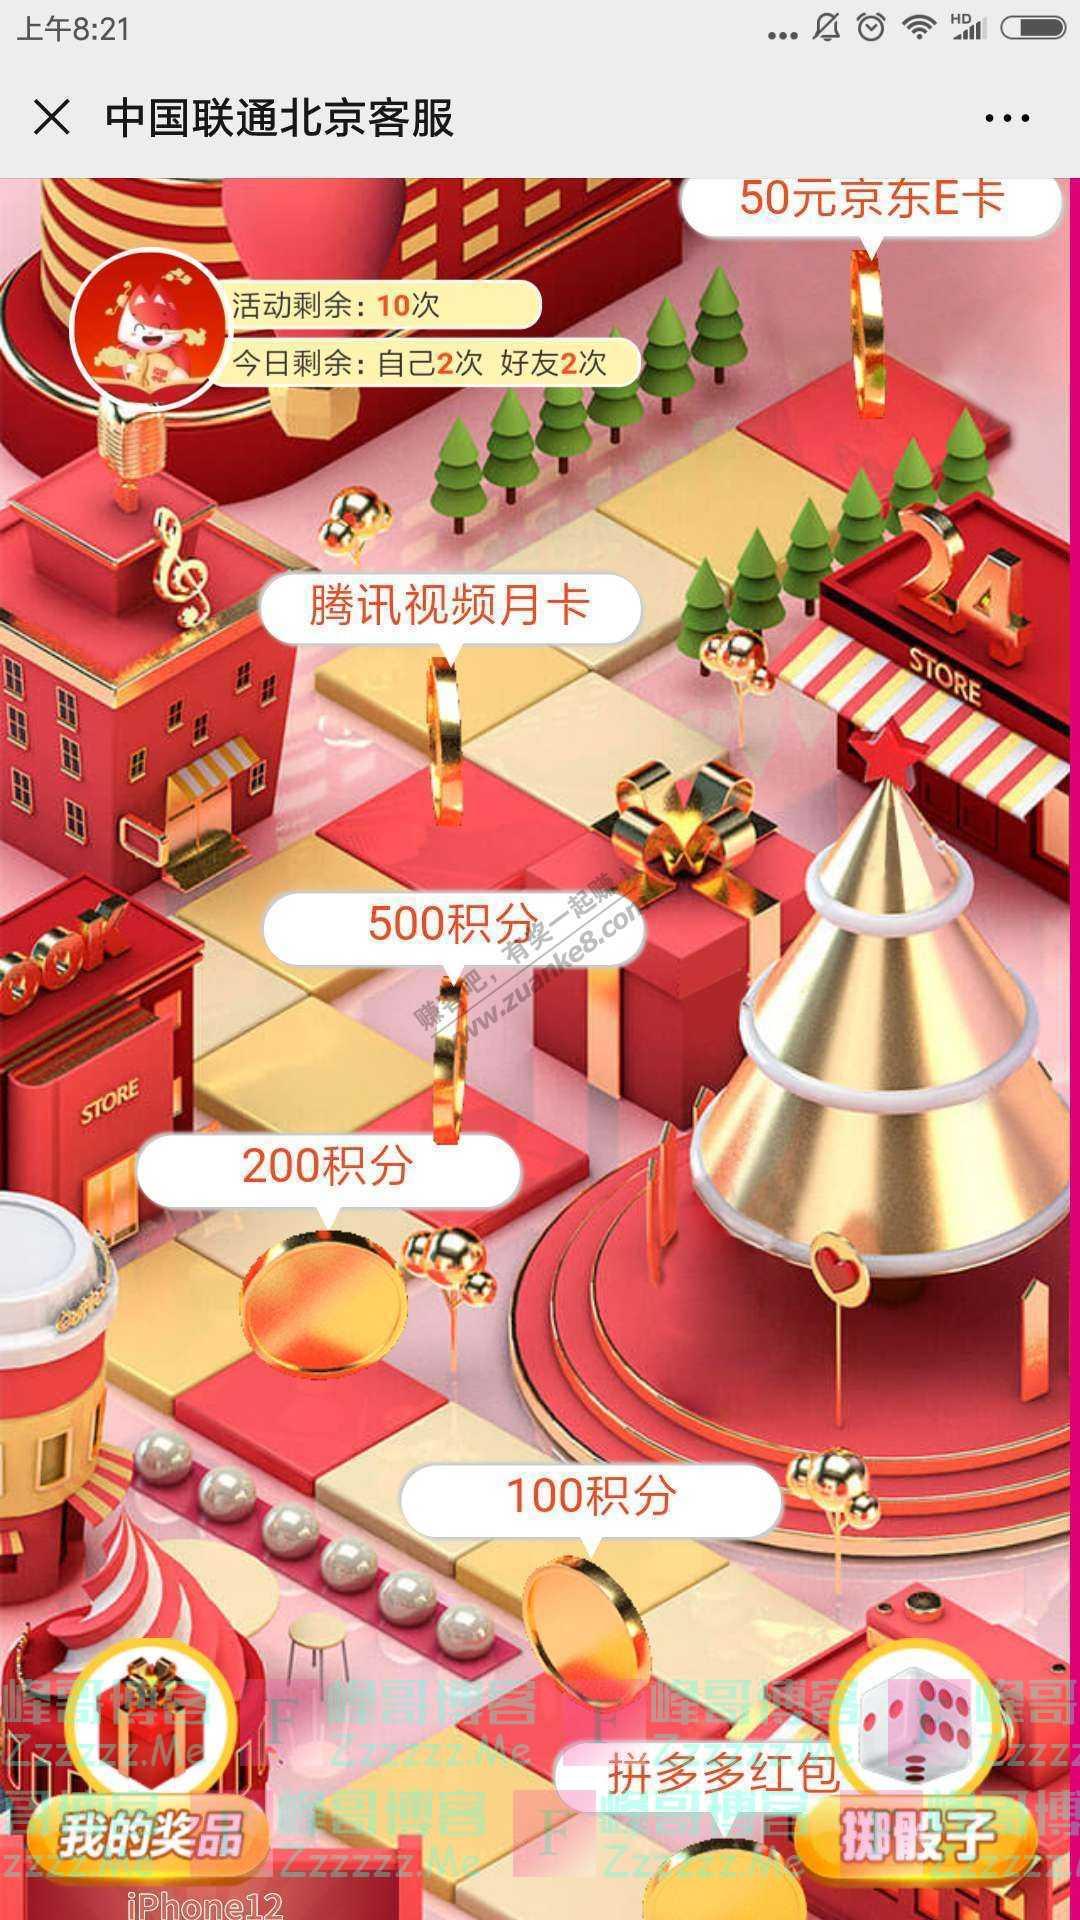 中国联通北京客服罕见!送60元话费券+欢乐谷门票(11月2日截止)